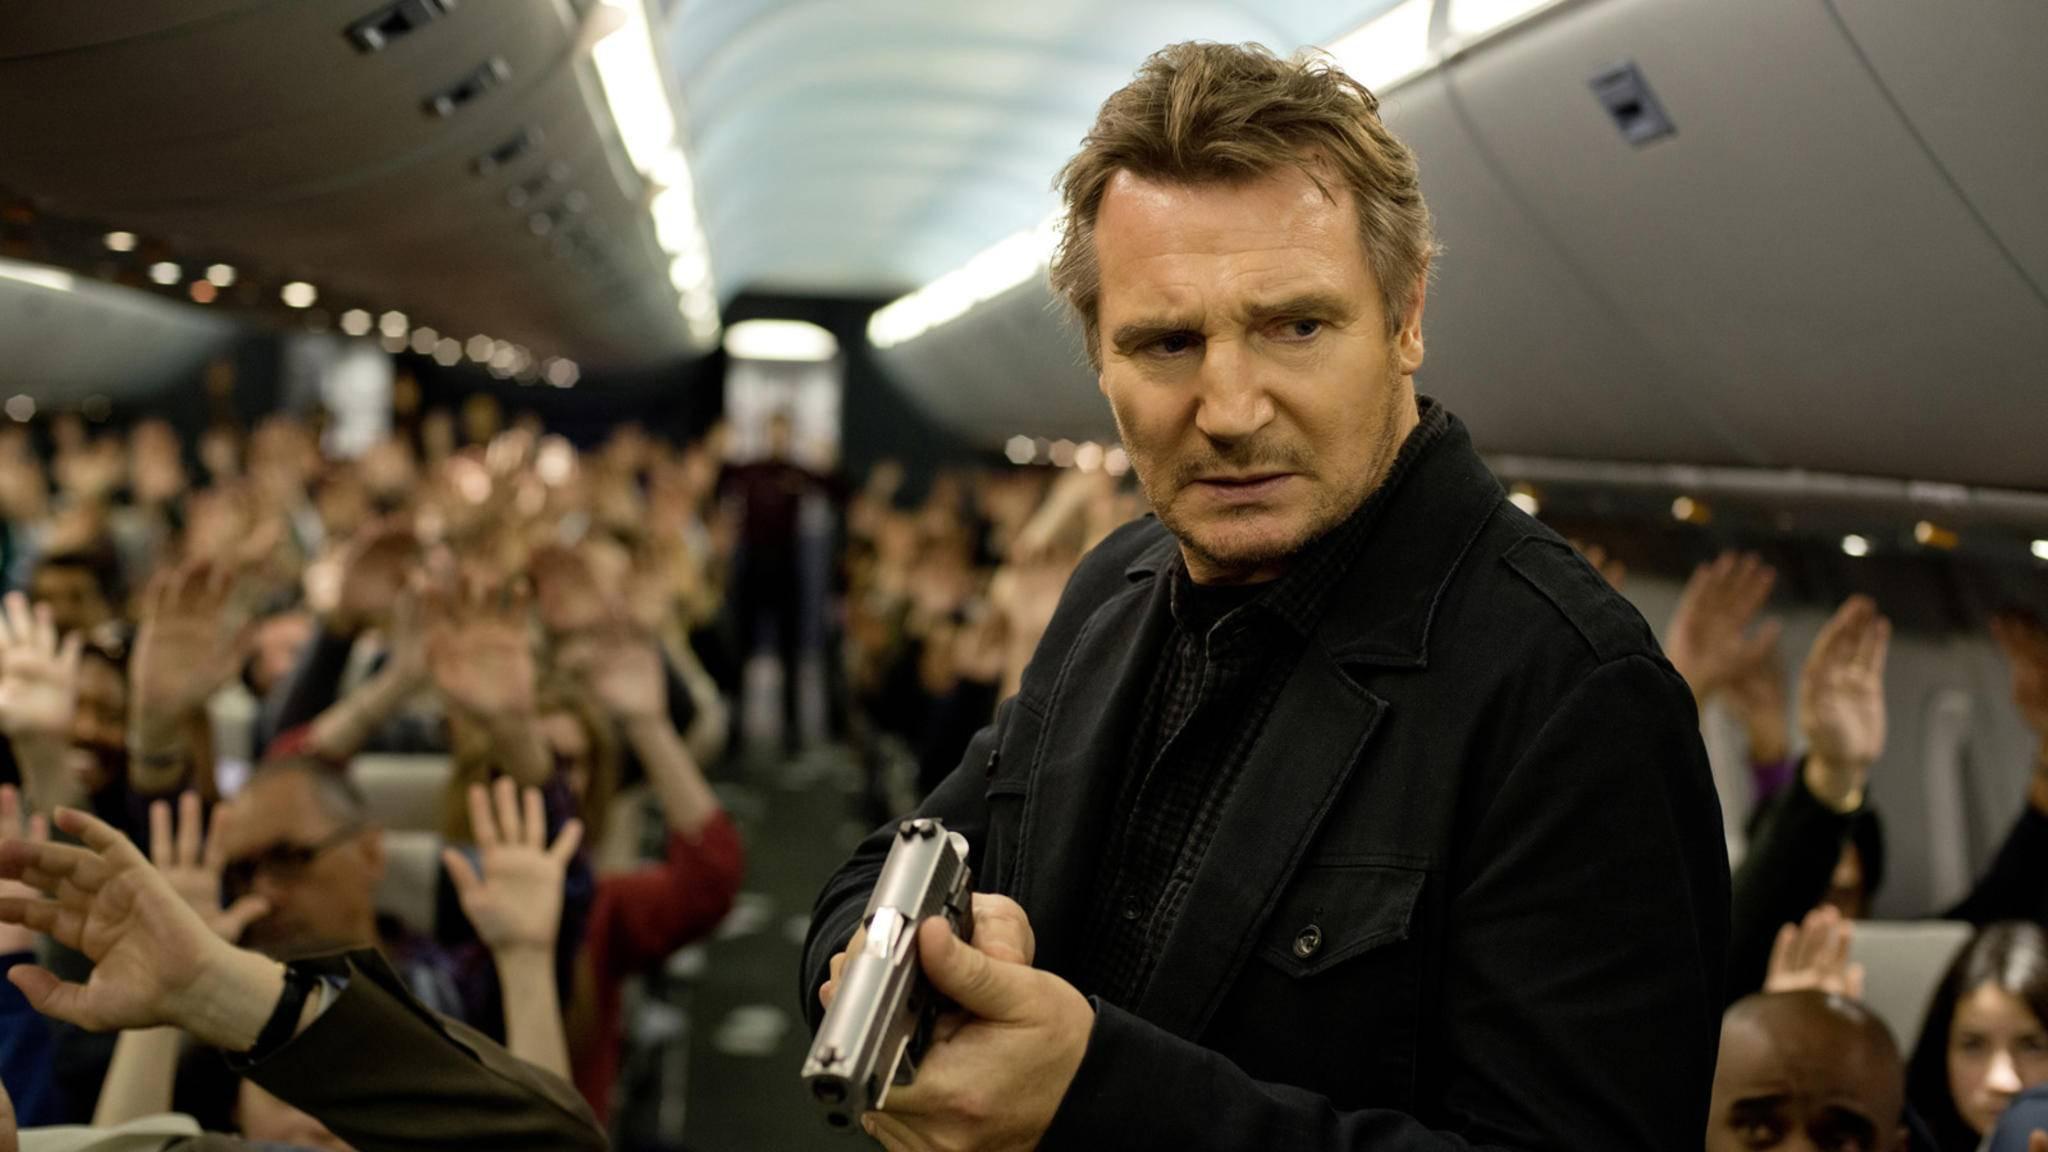 Einst wollte Liam Neeson Lehrer werden – gut, dass er es sich noch einmal anders überlegt hat.